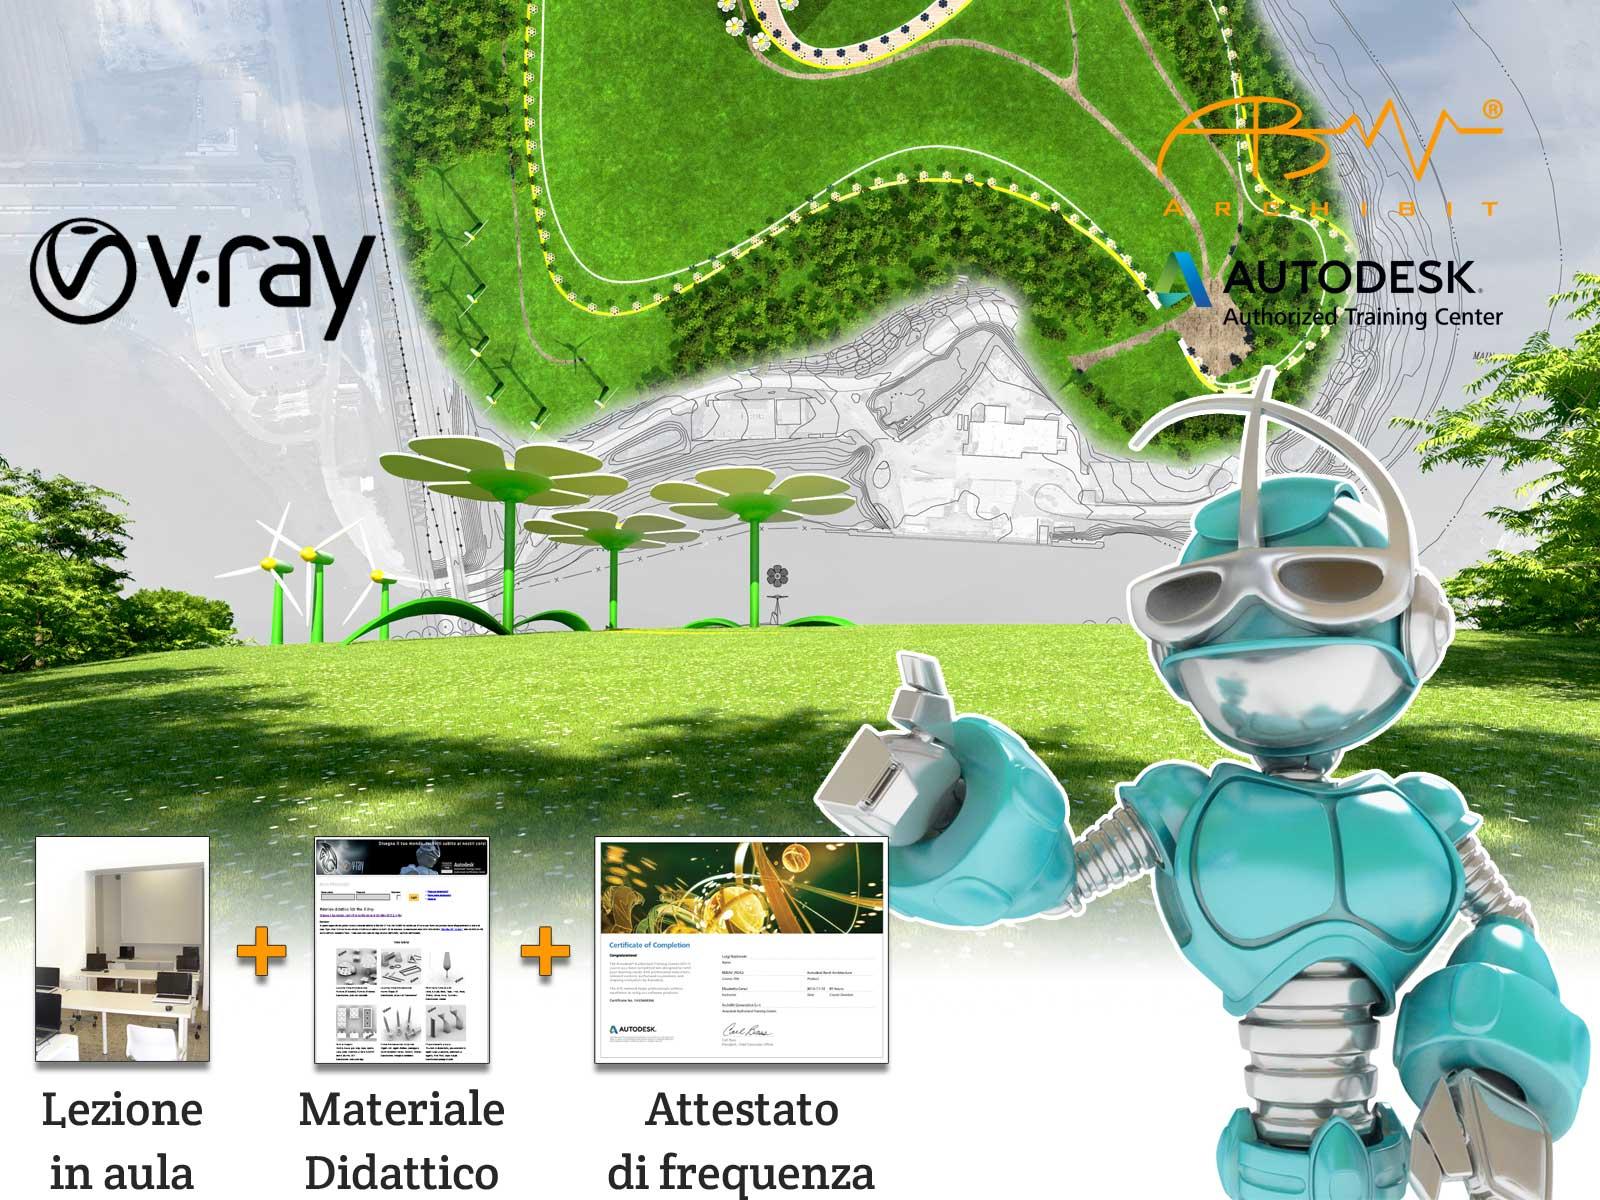 Corso V-Ray per 3ds Max - ArchiBit centro corsi Autodesk 3ds max e Vray a roma